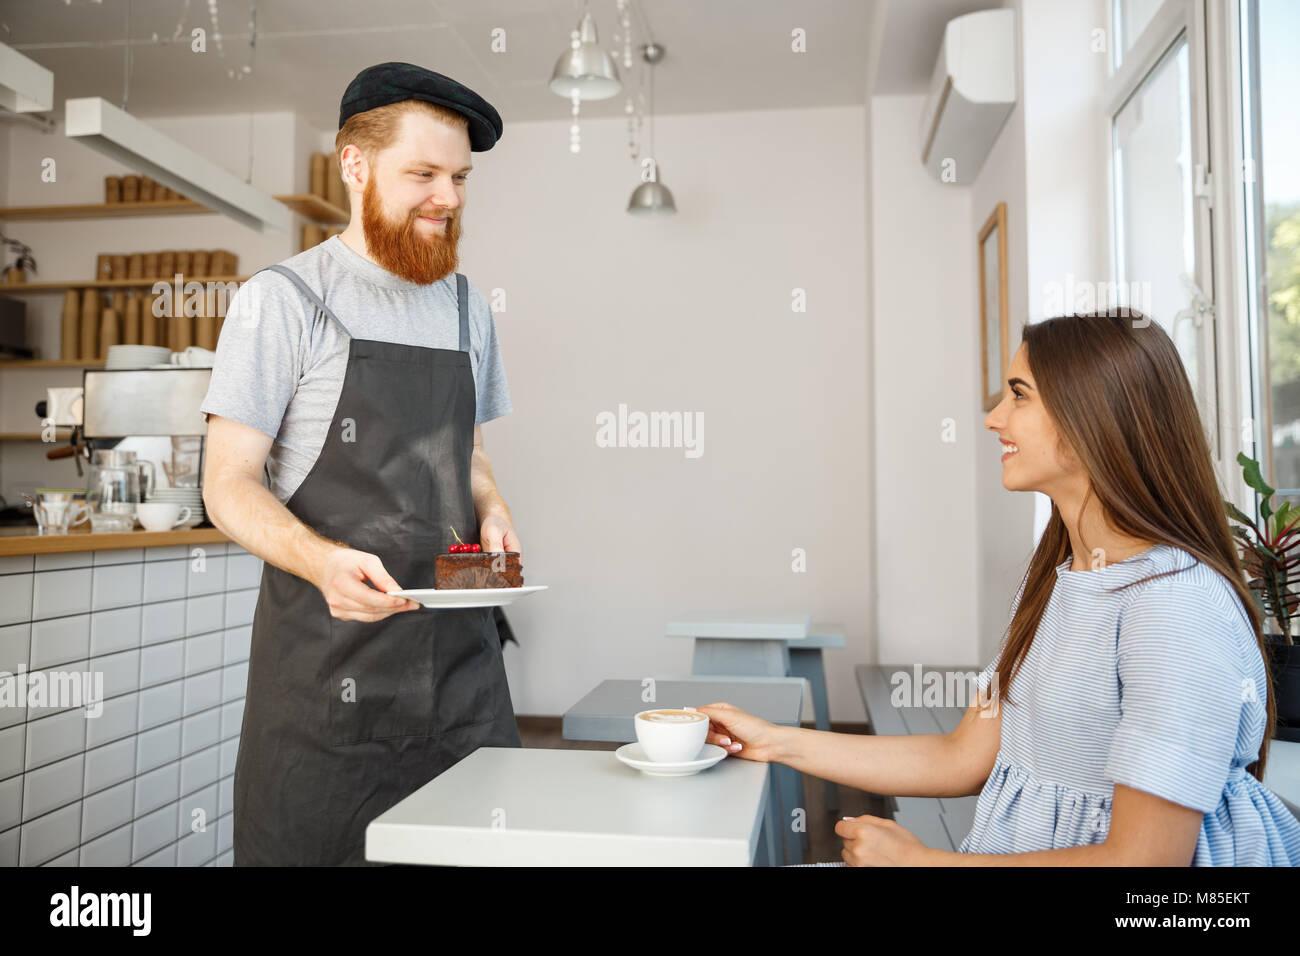 Caffè il concetto di Business - cameriere o barista dando una torta al cioccolato e parlare con caucasian bella Immagini Stock